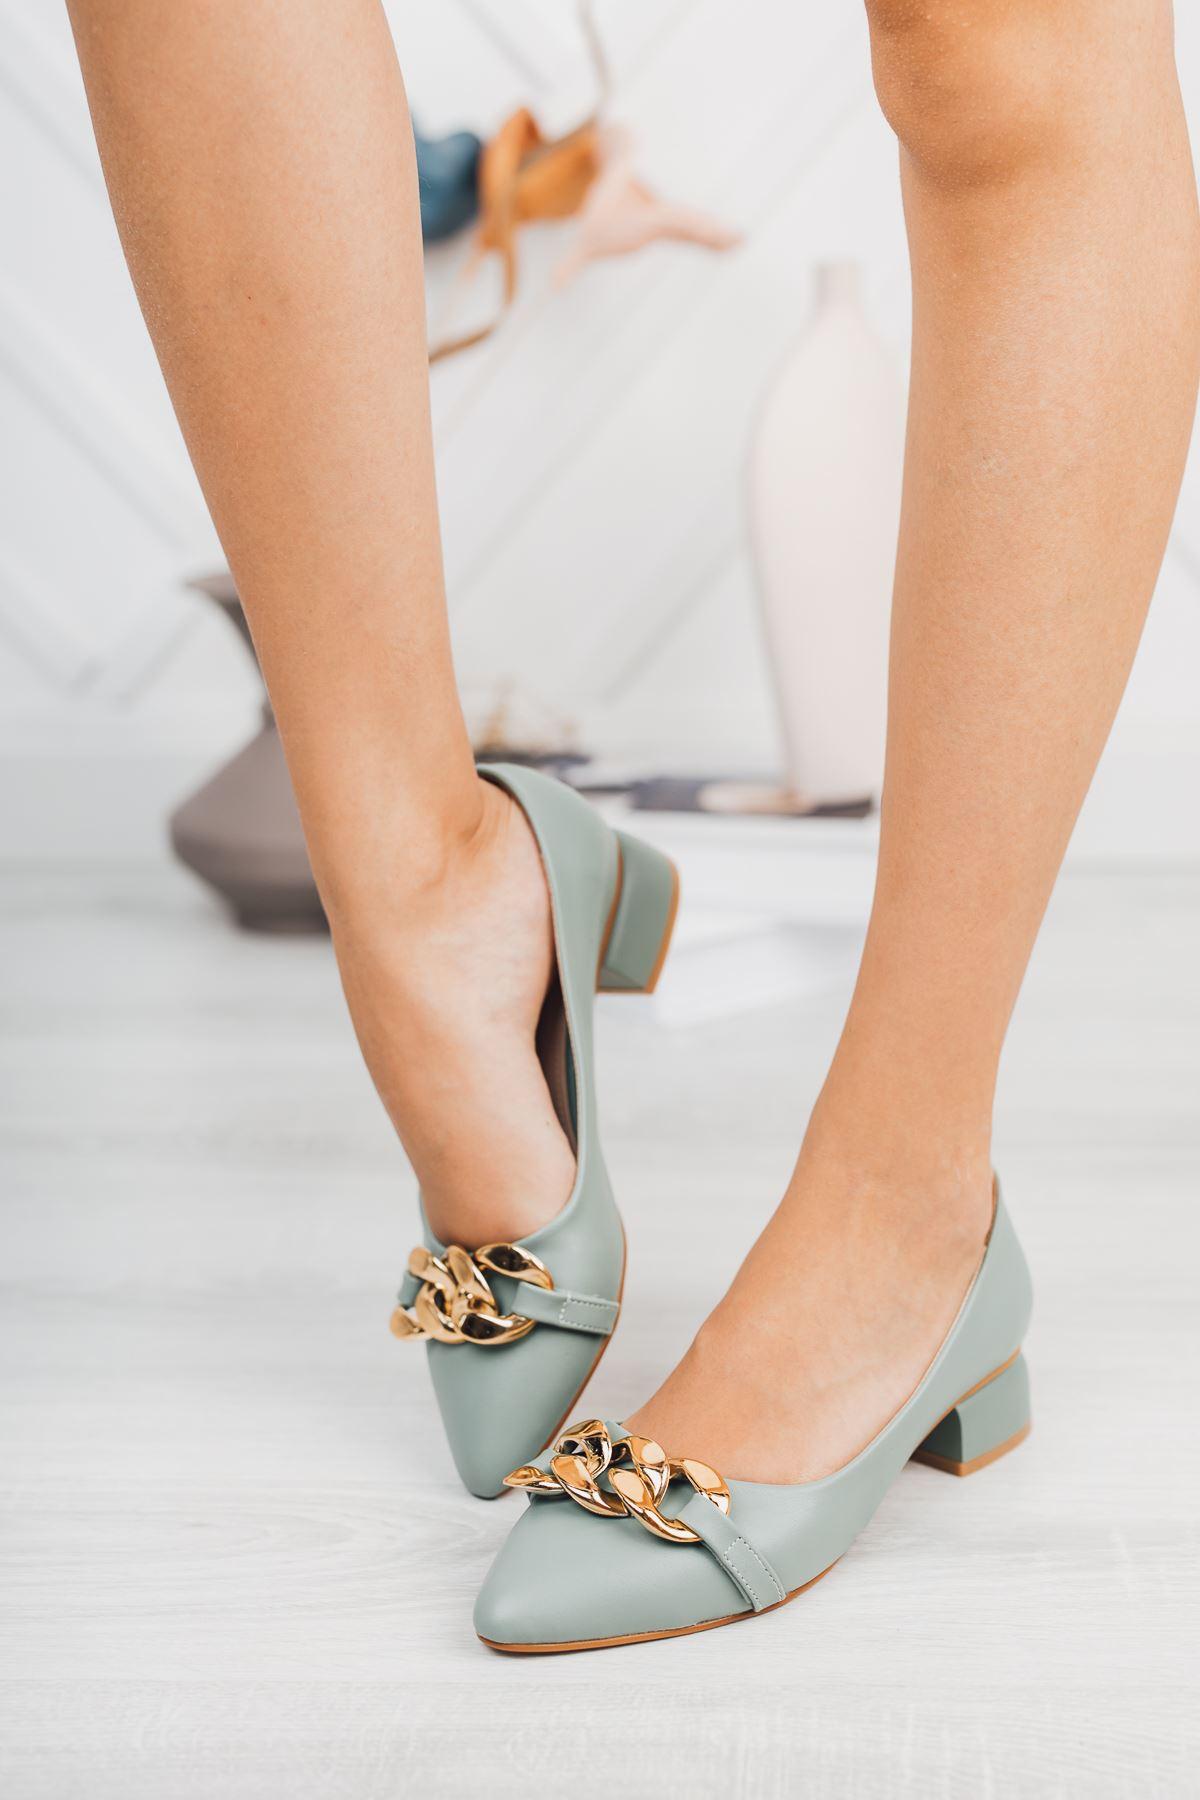 Mint Yeşili Zincir Aksesuarlı Klasik Topuklu Ayakkabı